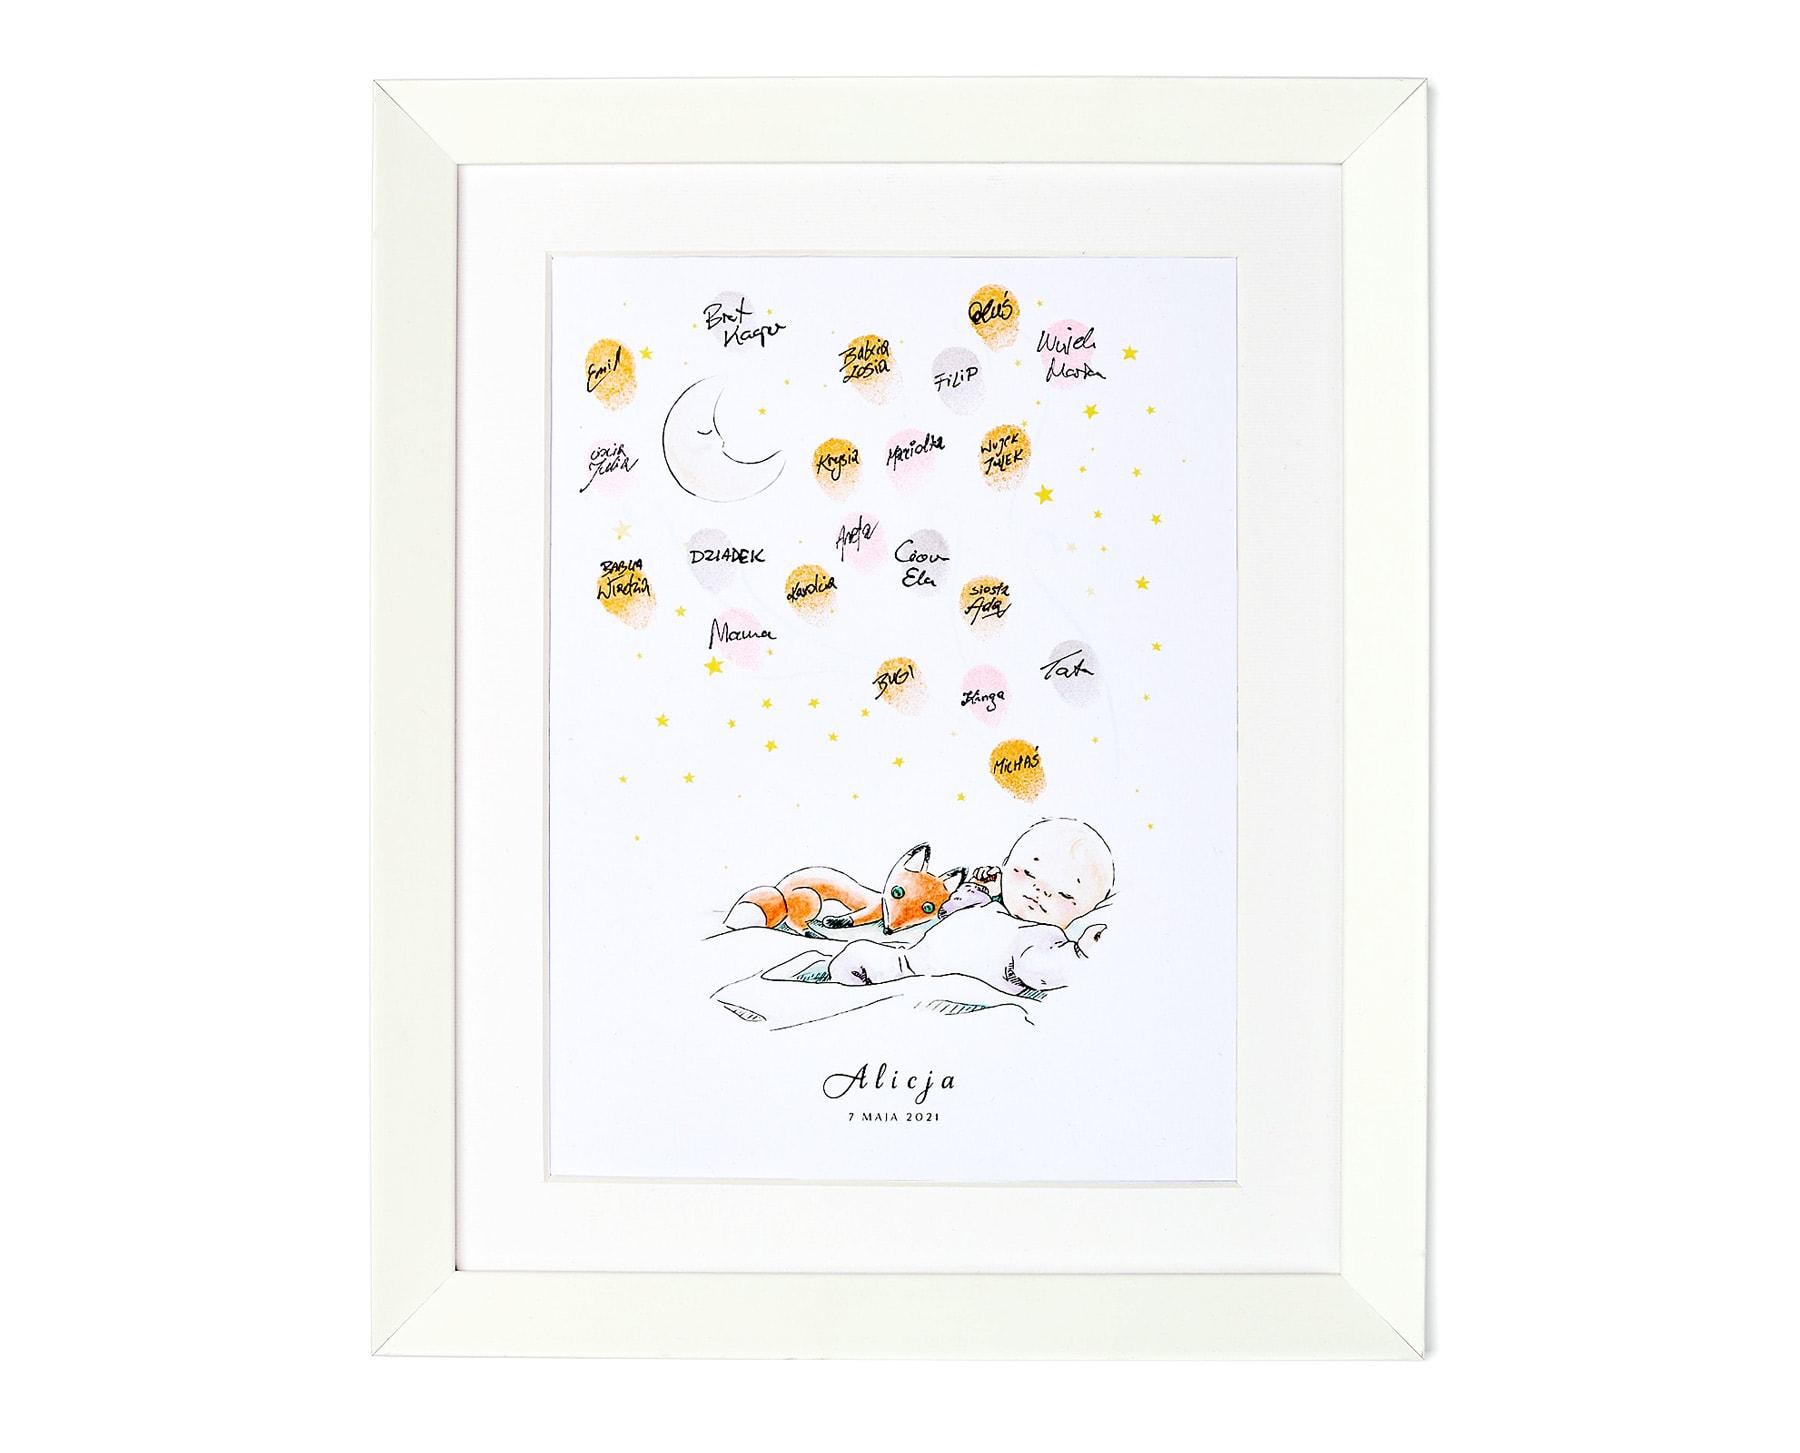 Pamiątka urodzinowa, obrazek śpiącego dziecka z liskiem z odciskami palców gości